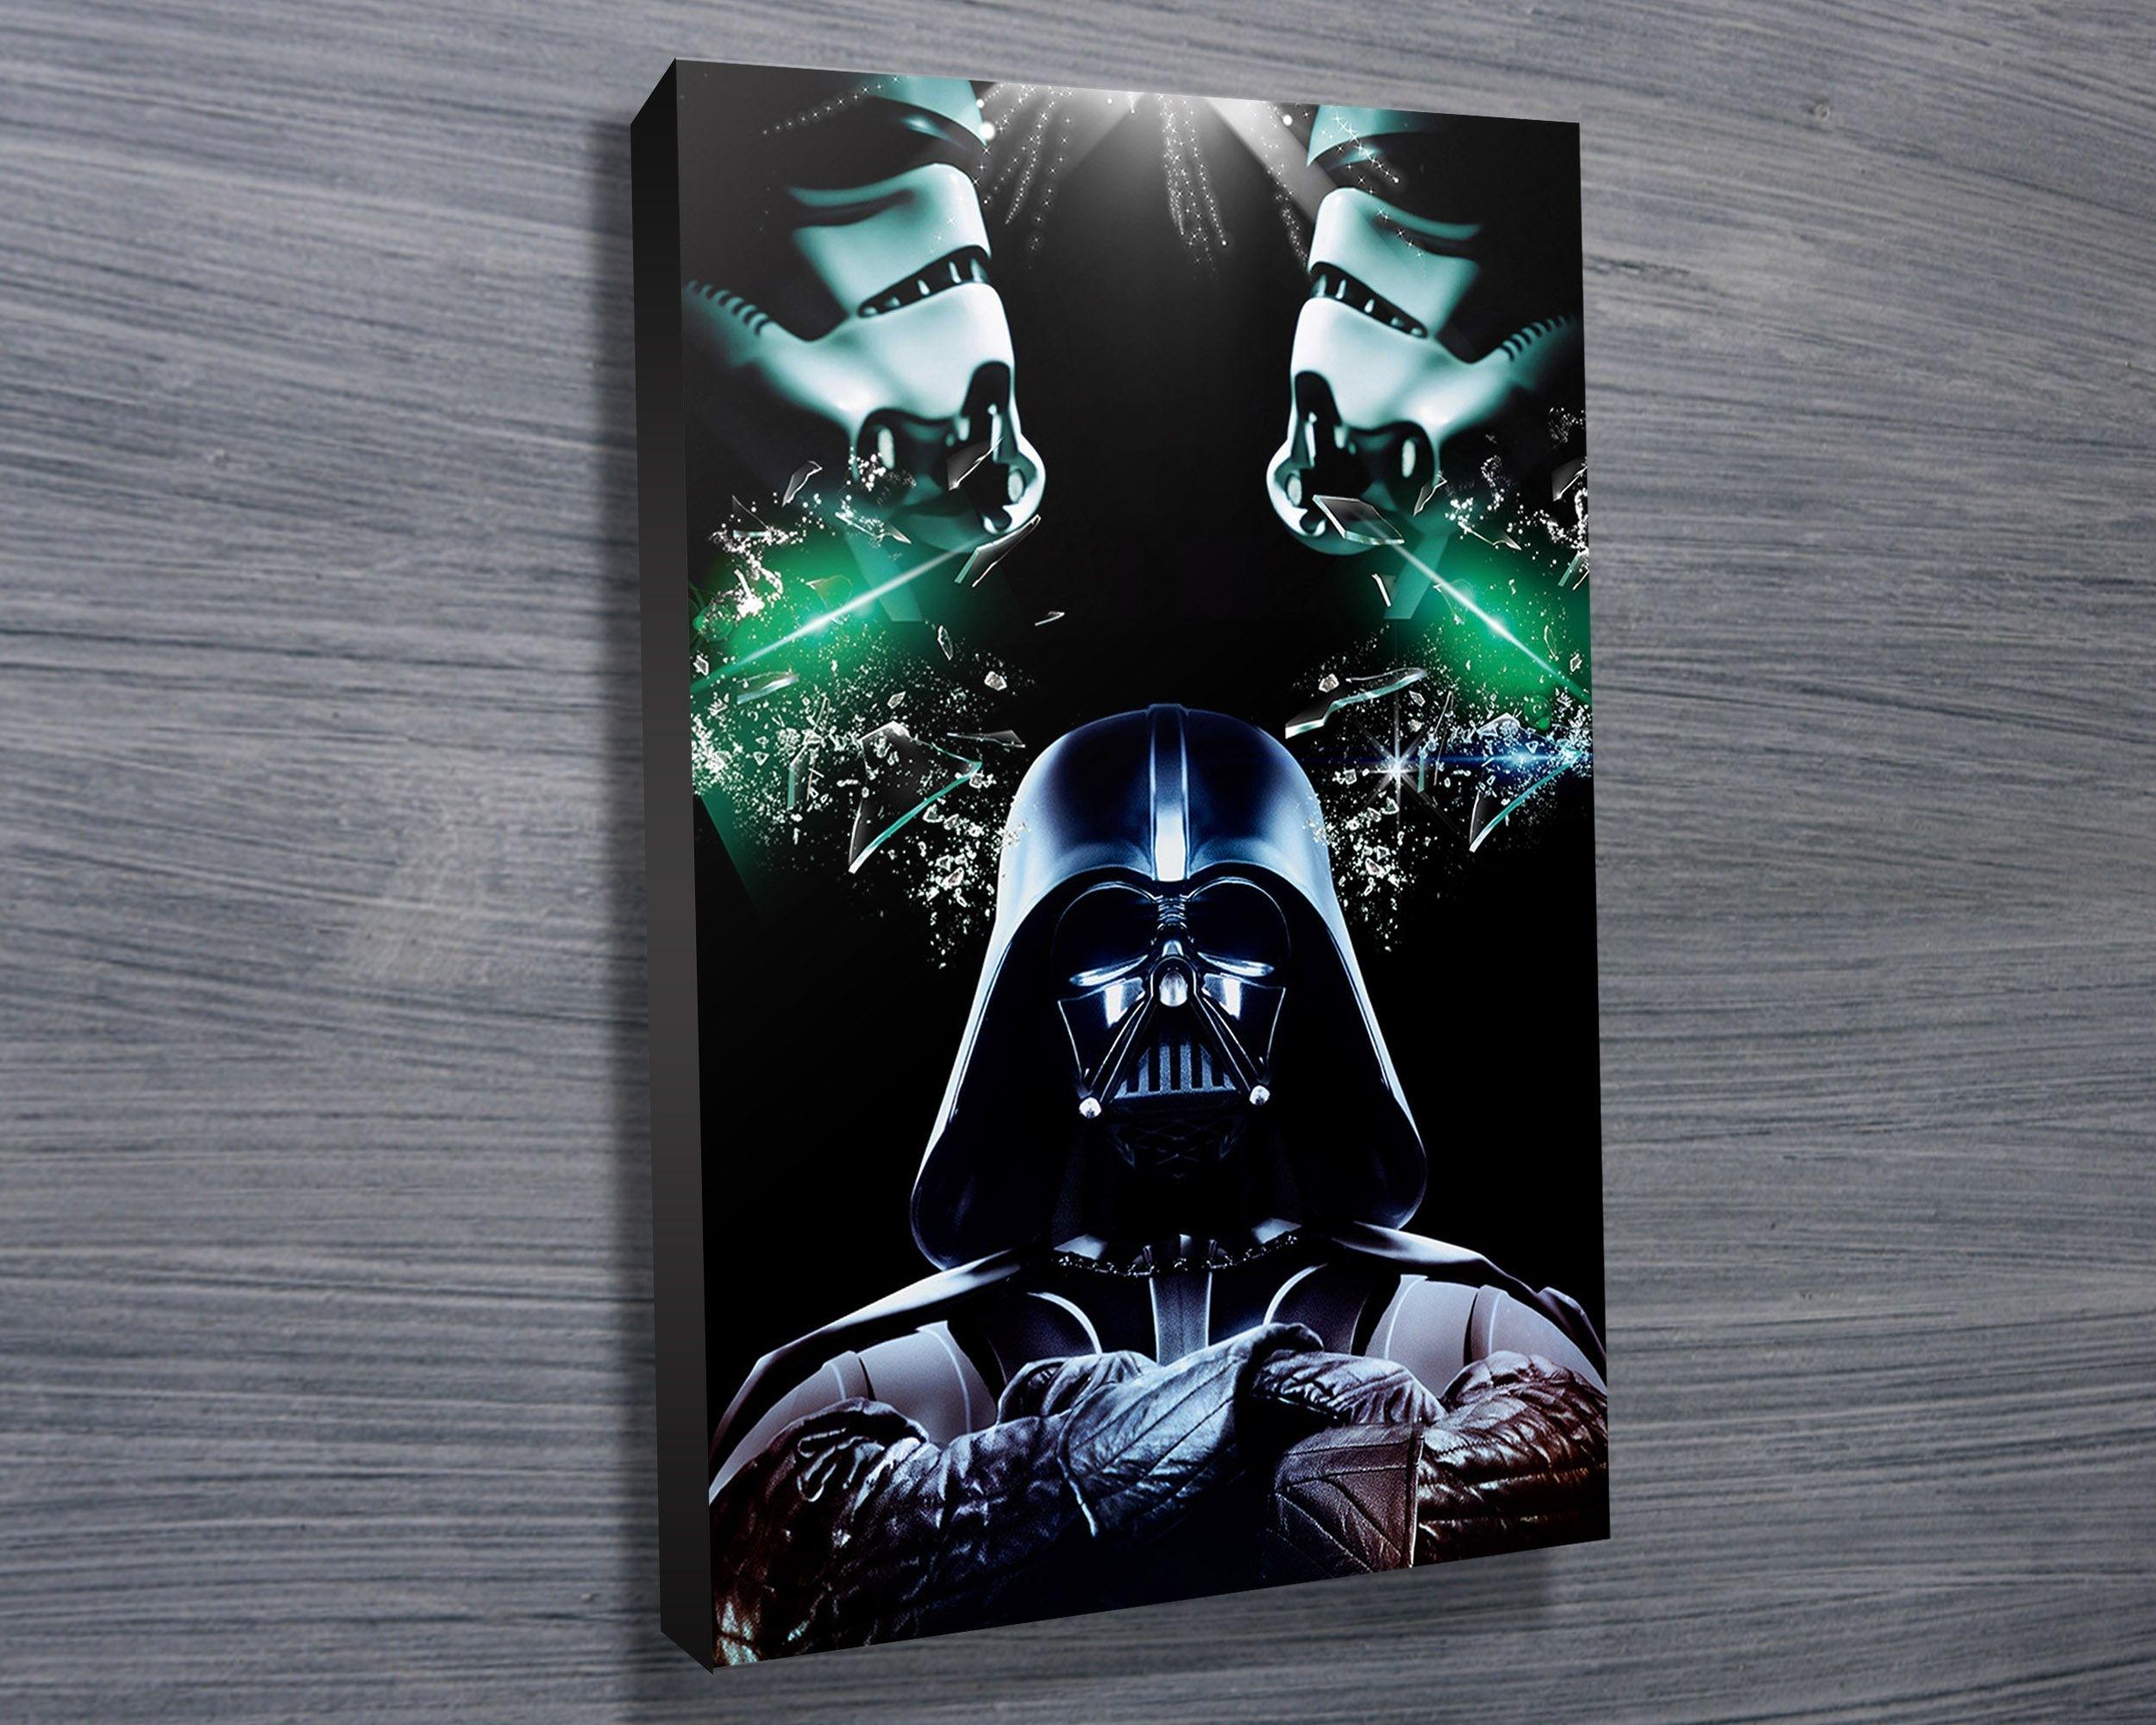 Darth Vader Pop Art | Star Wars Wall Art | Pinterest | Star Wars Art within Newest Darth Vader Wall Art